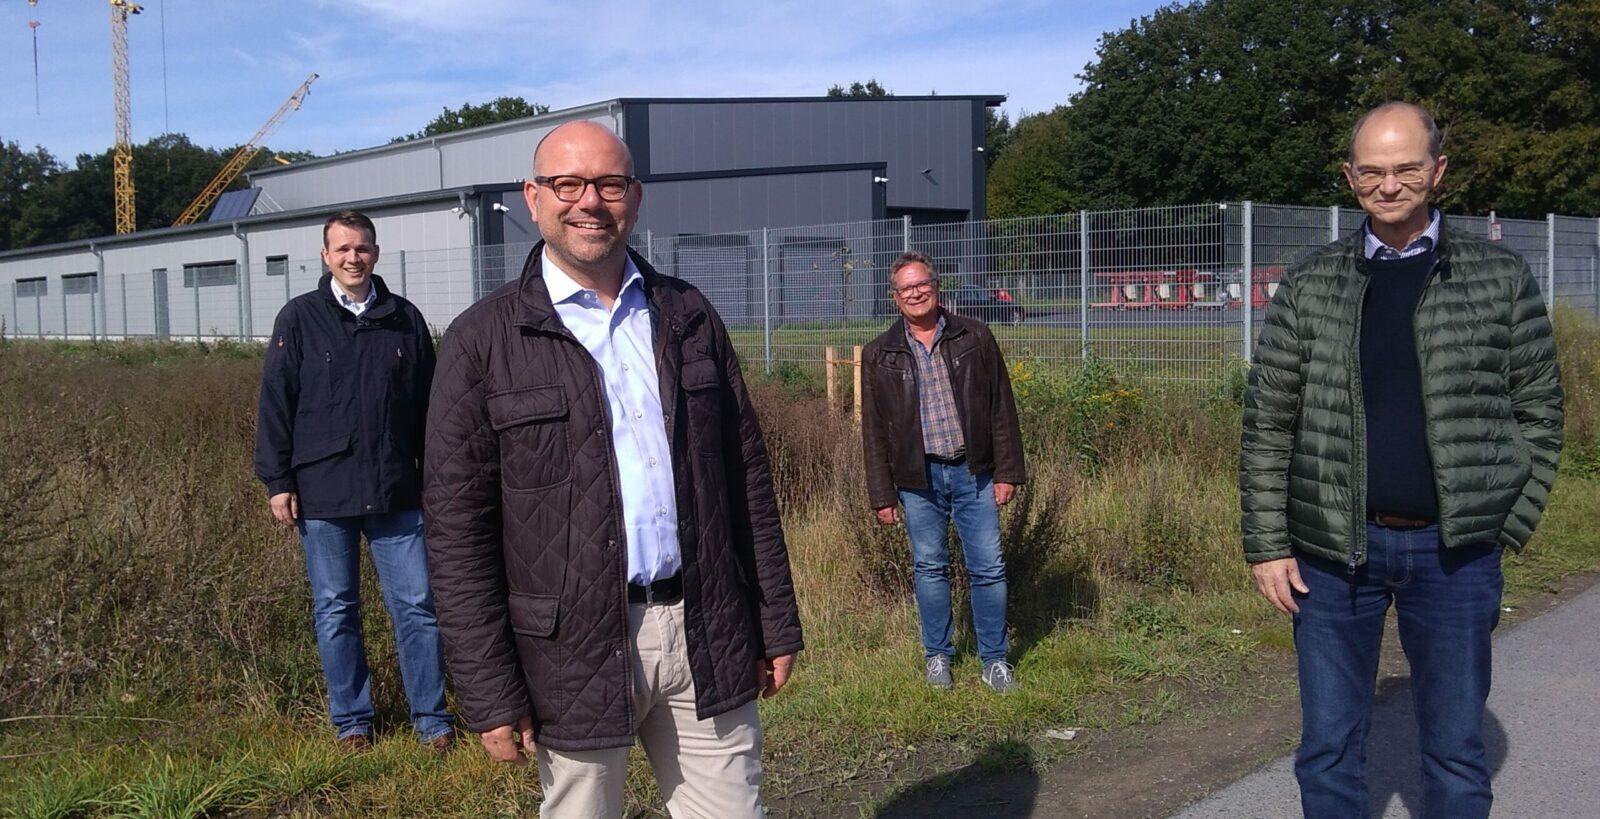 Windor, Dorsten, Lembeck, Josef Hadick